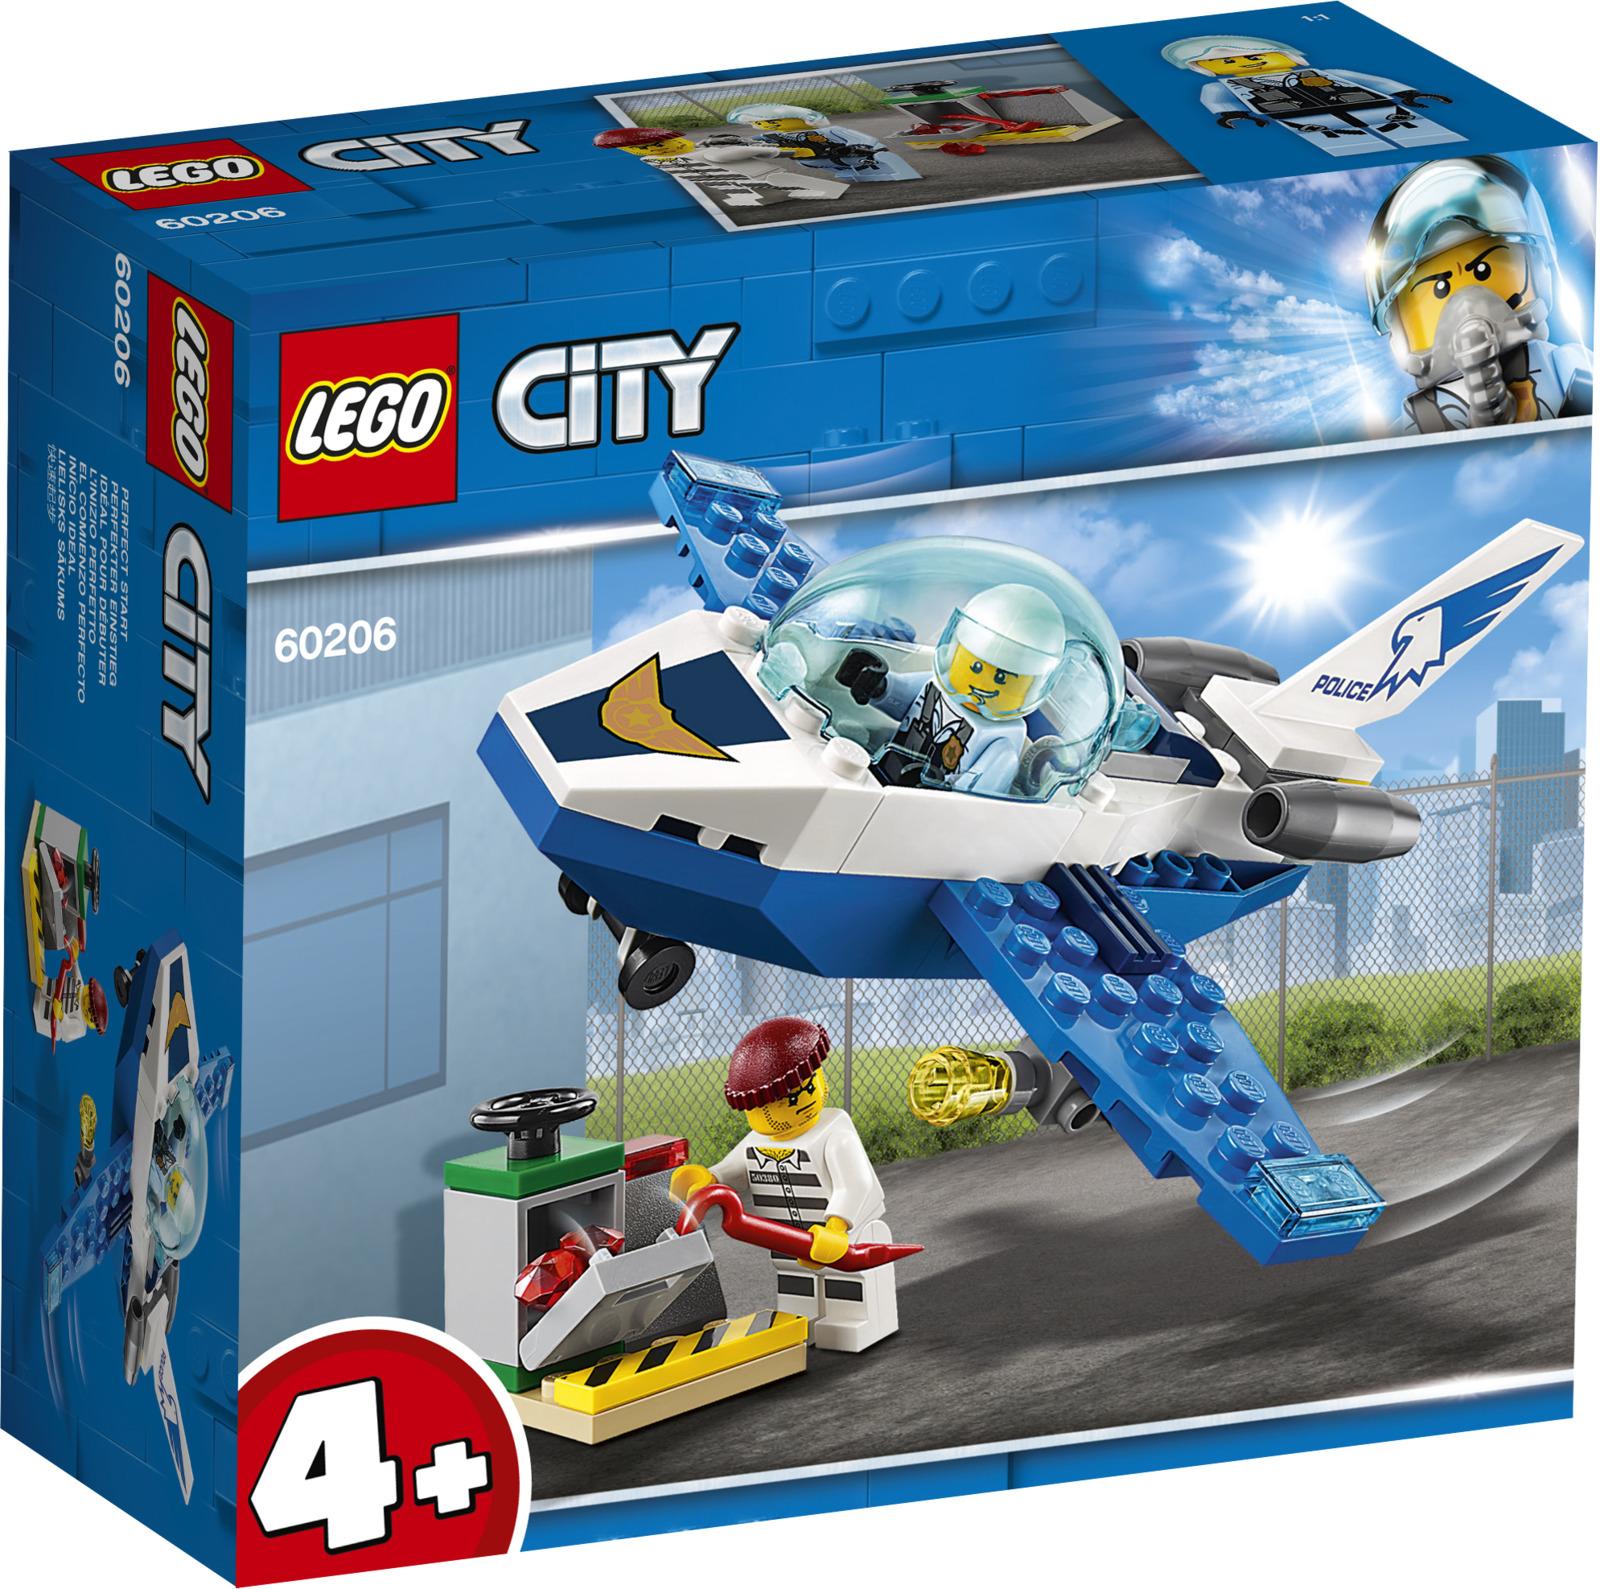 LEGO City Police 60206 Воздушная полиция, патрульный самолет Конструктор